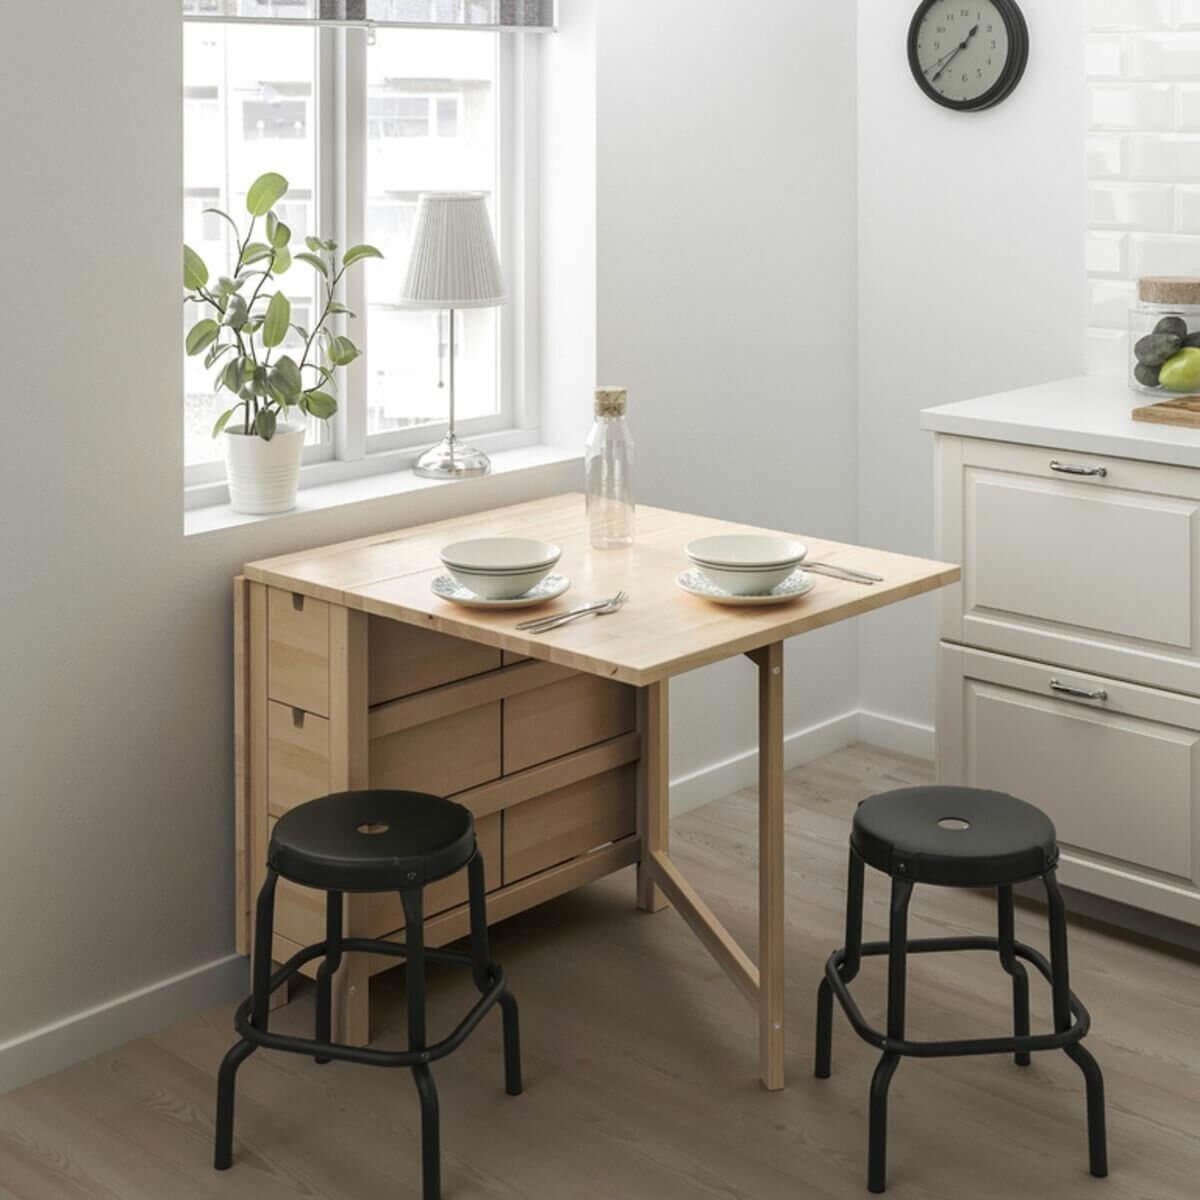 Раскладной стол книжка для маленькой кухни